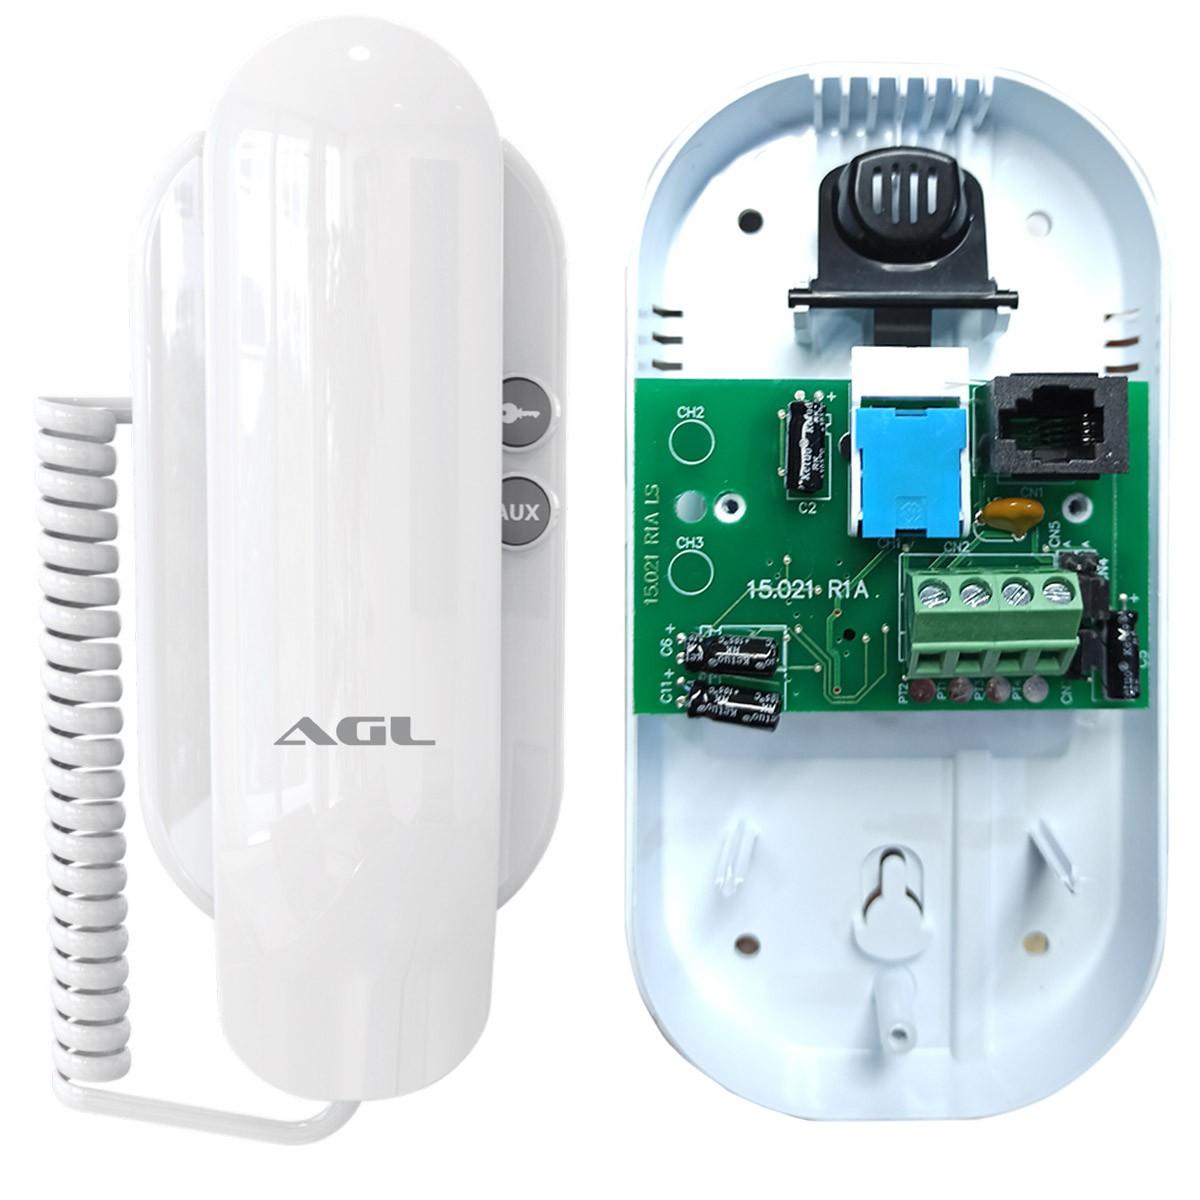 Porteiro Eletrônico Coletivo AGL 2 Pontos Com 2 Interfones